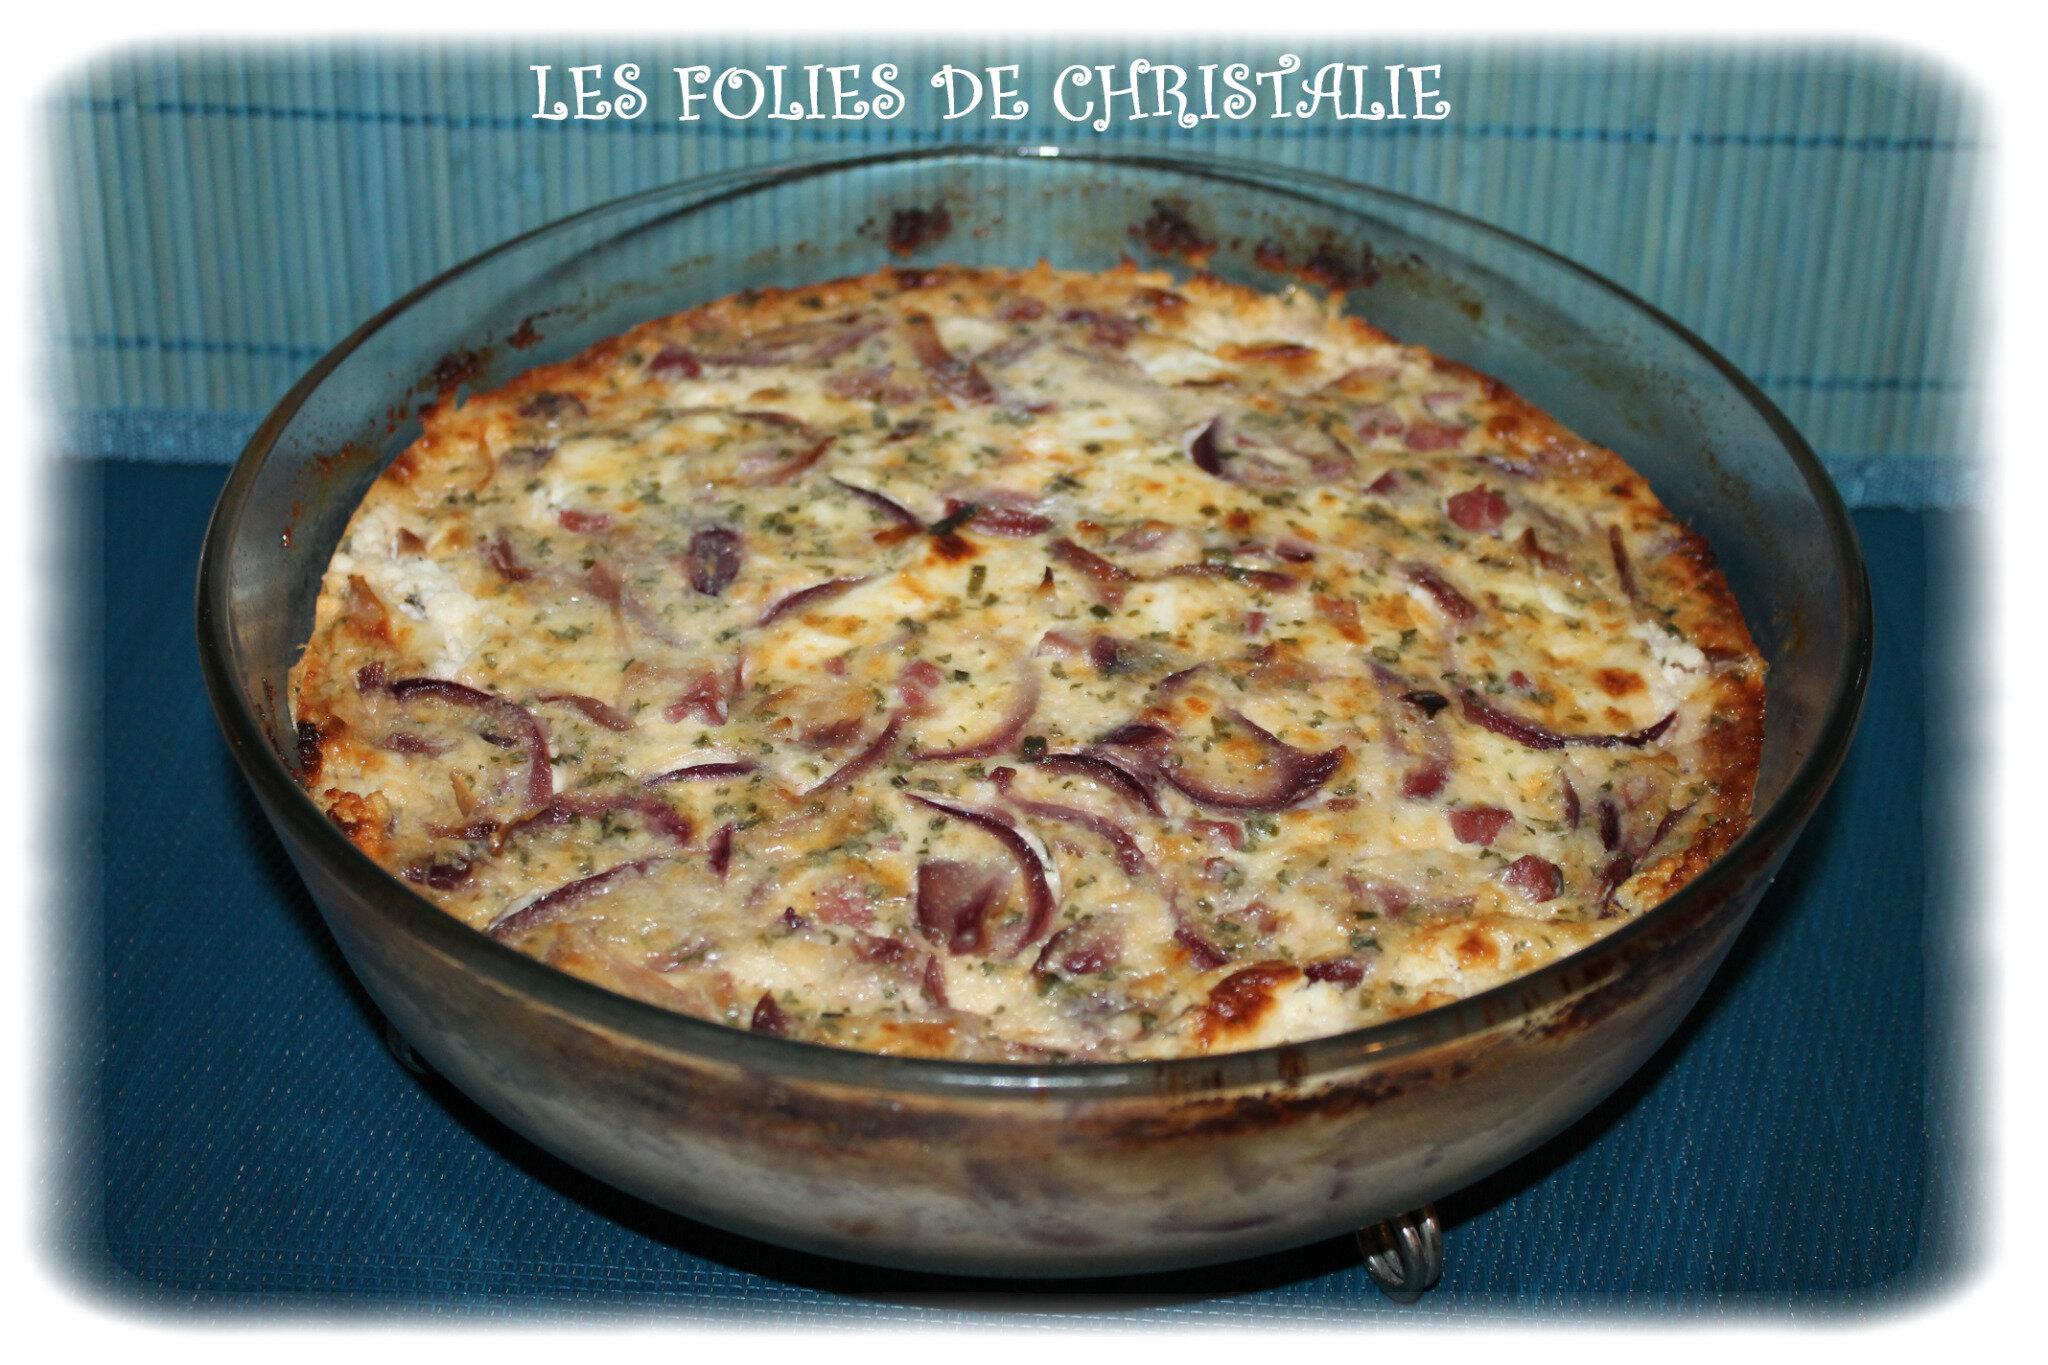 Quiche sans p te jambon oignon les folies de christalie ou quand la cuisine devient passion - Quand ramasser les oignons ...